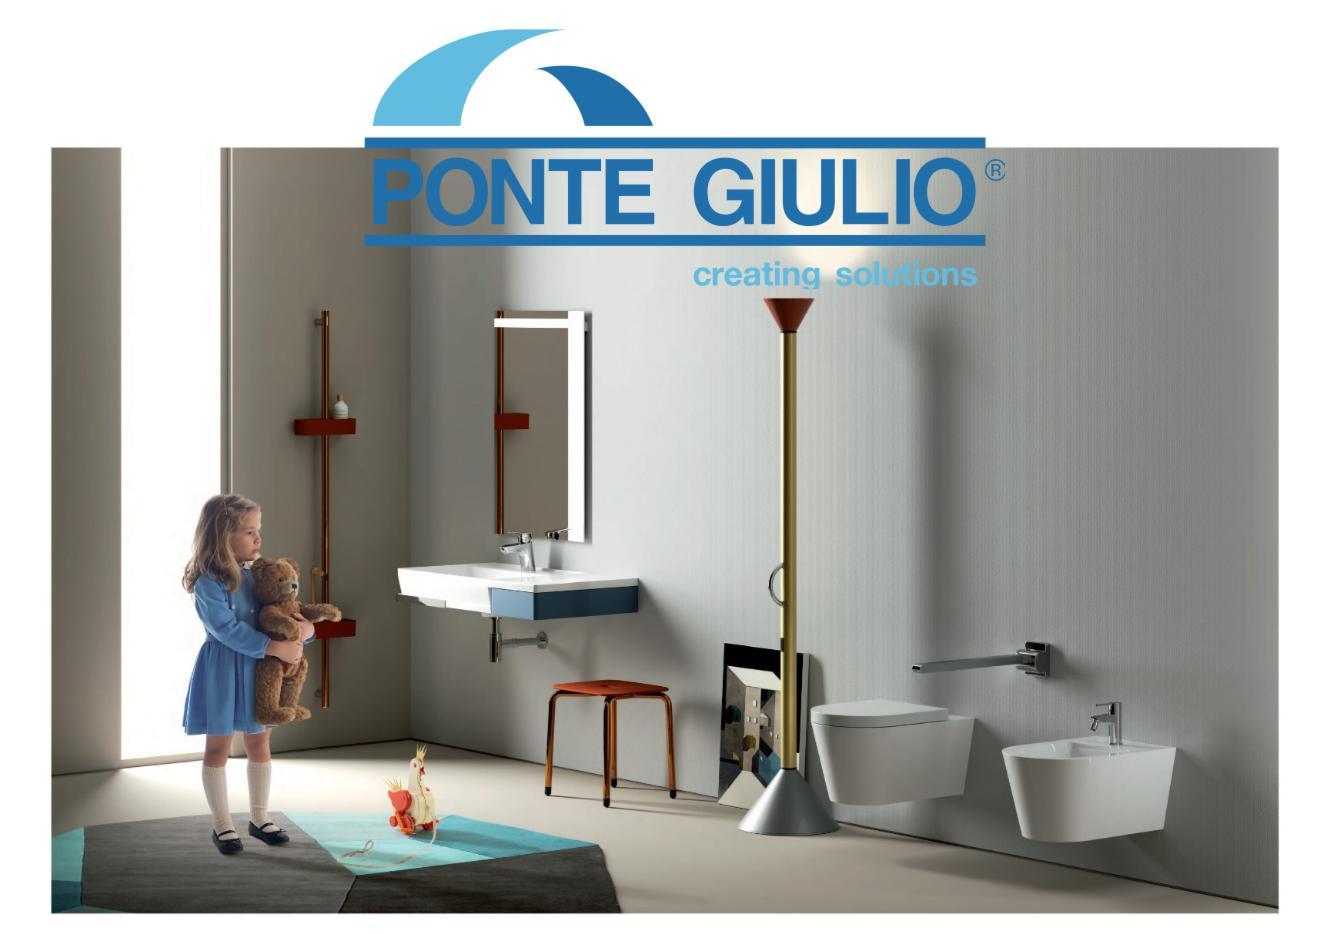 Soluzioni per la sicurezza e il confort nel bagno